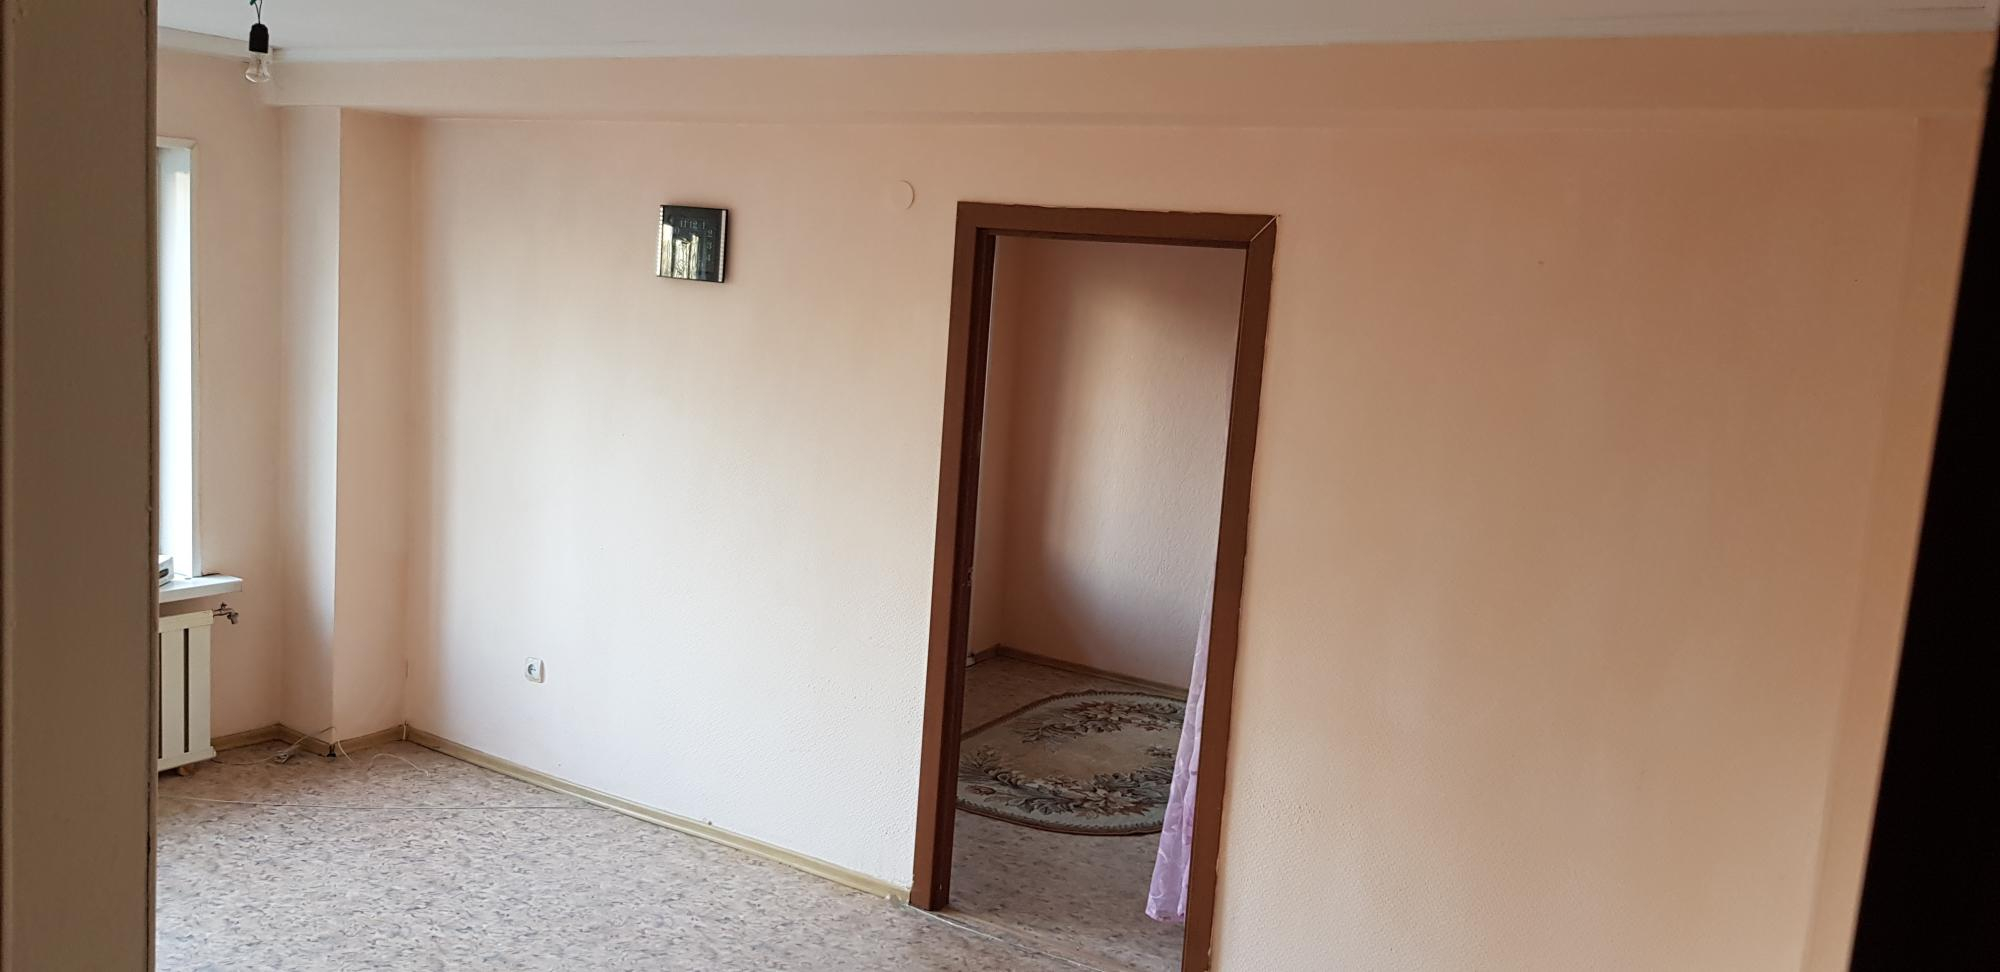 3к квартира улица 60 лет Октября, 40 | 20000 | аренда в Красноярске фото 8